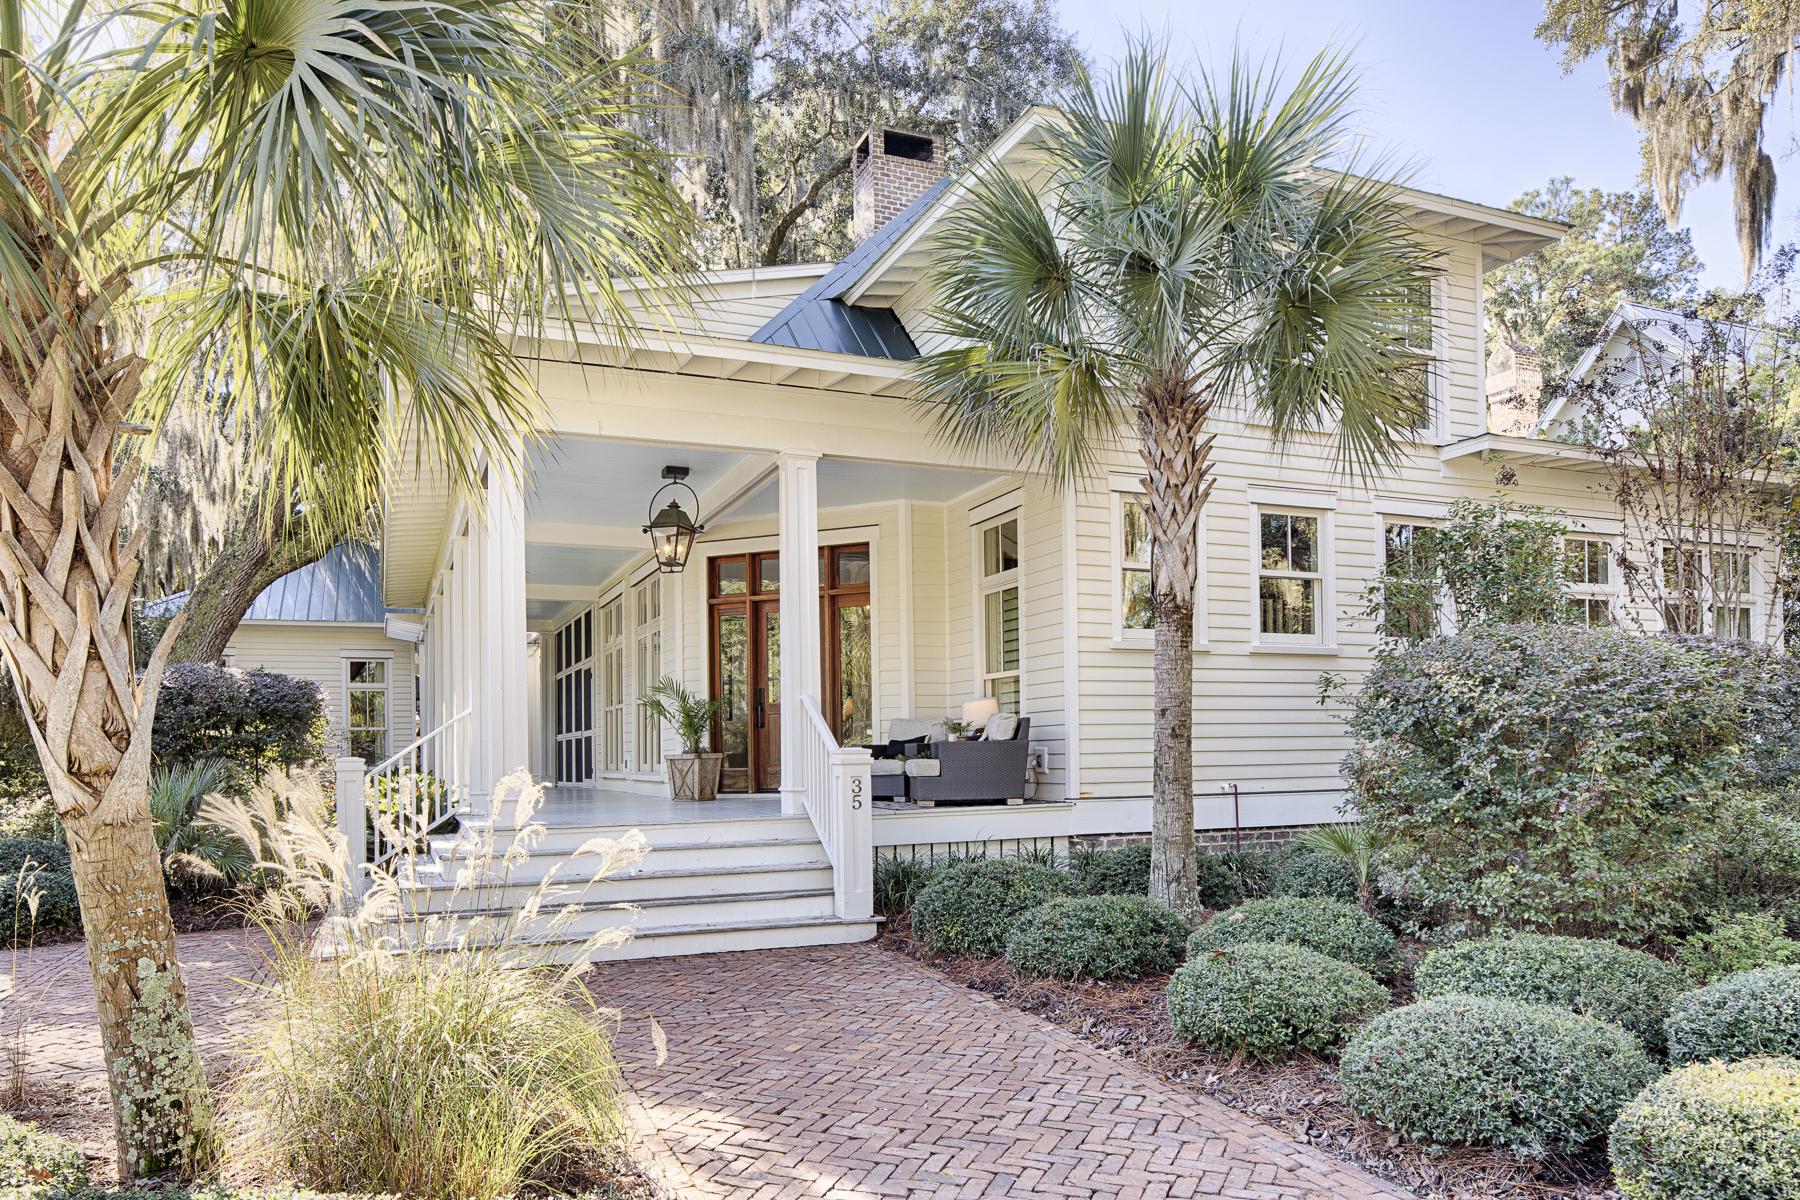 独户住宅 为 销售 在 Palmetto Bluff 35 Mason Street Palmetto Bluff, 布拉夫顿, 南卡罗来纳州 29910 美国